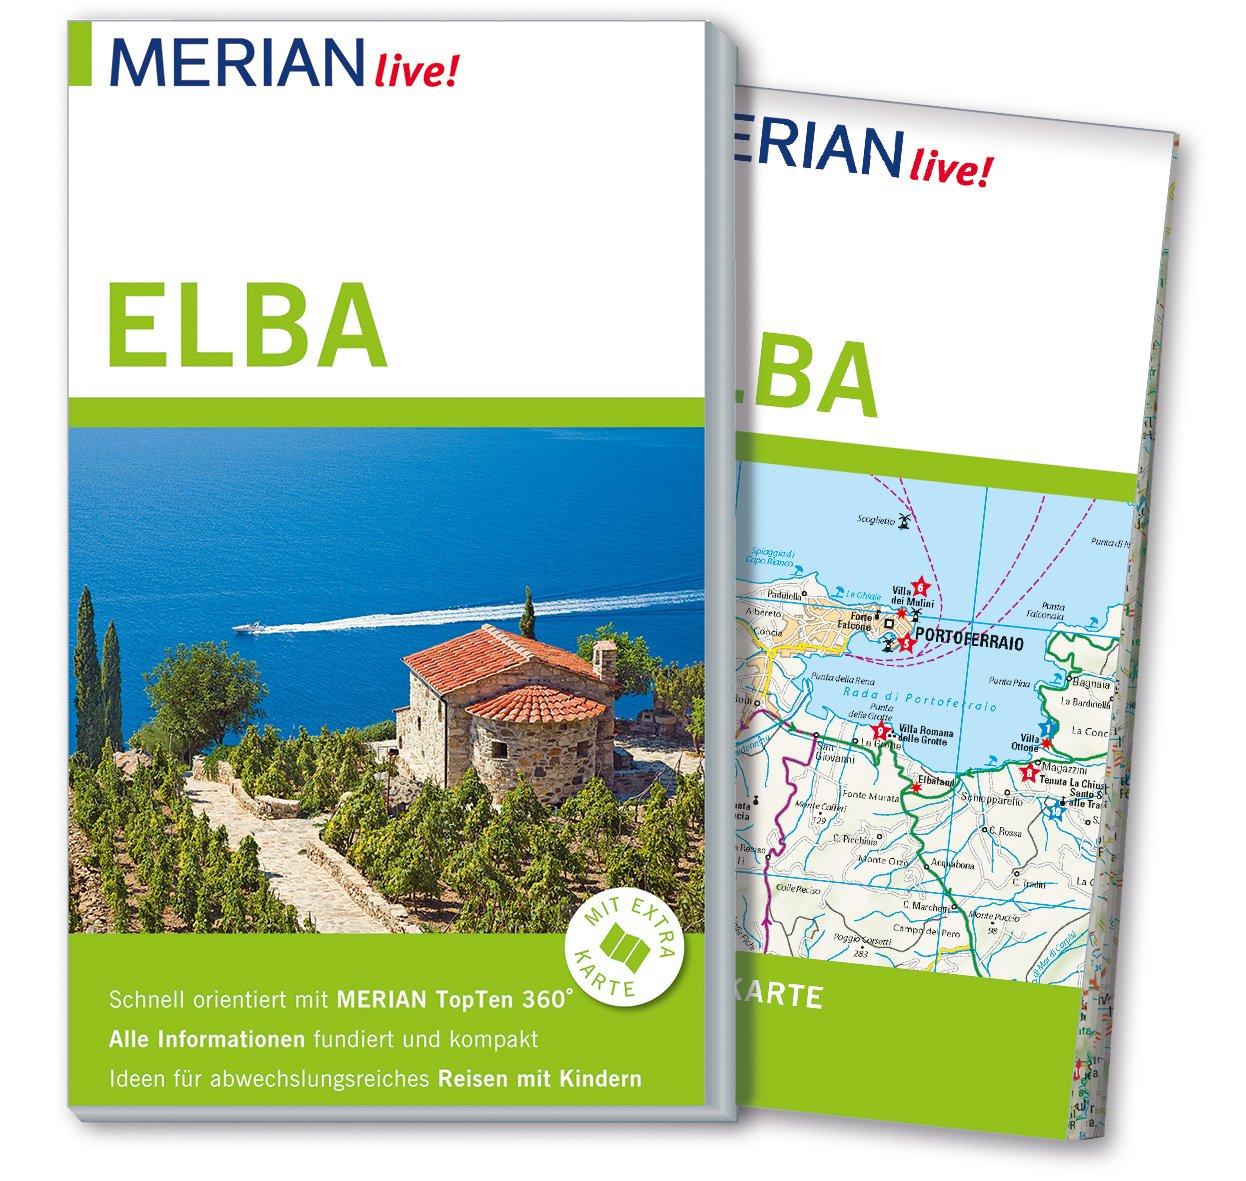 Elba Karte.Merian Live Reiseführer Elba Mit Extra Karte Zum Herausnehmen